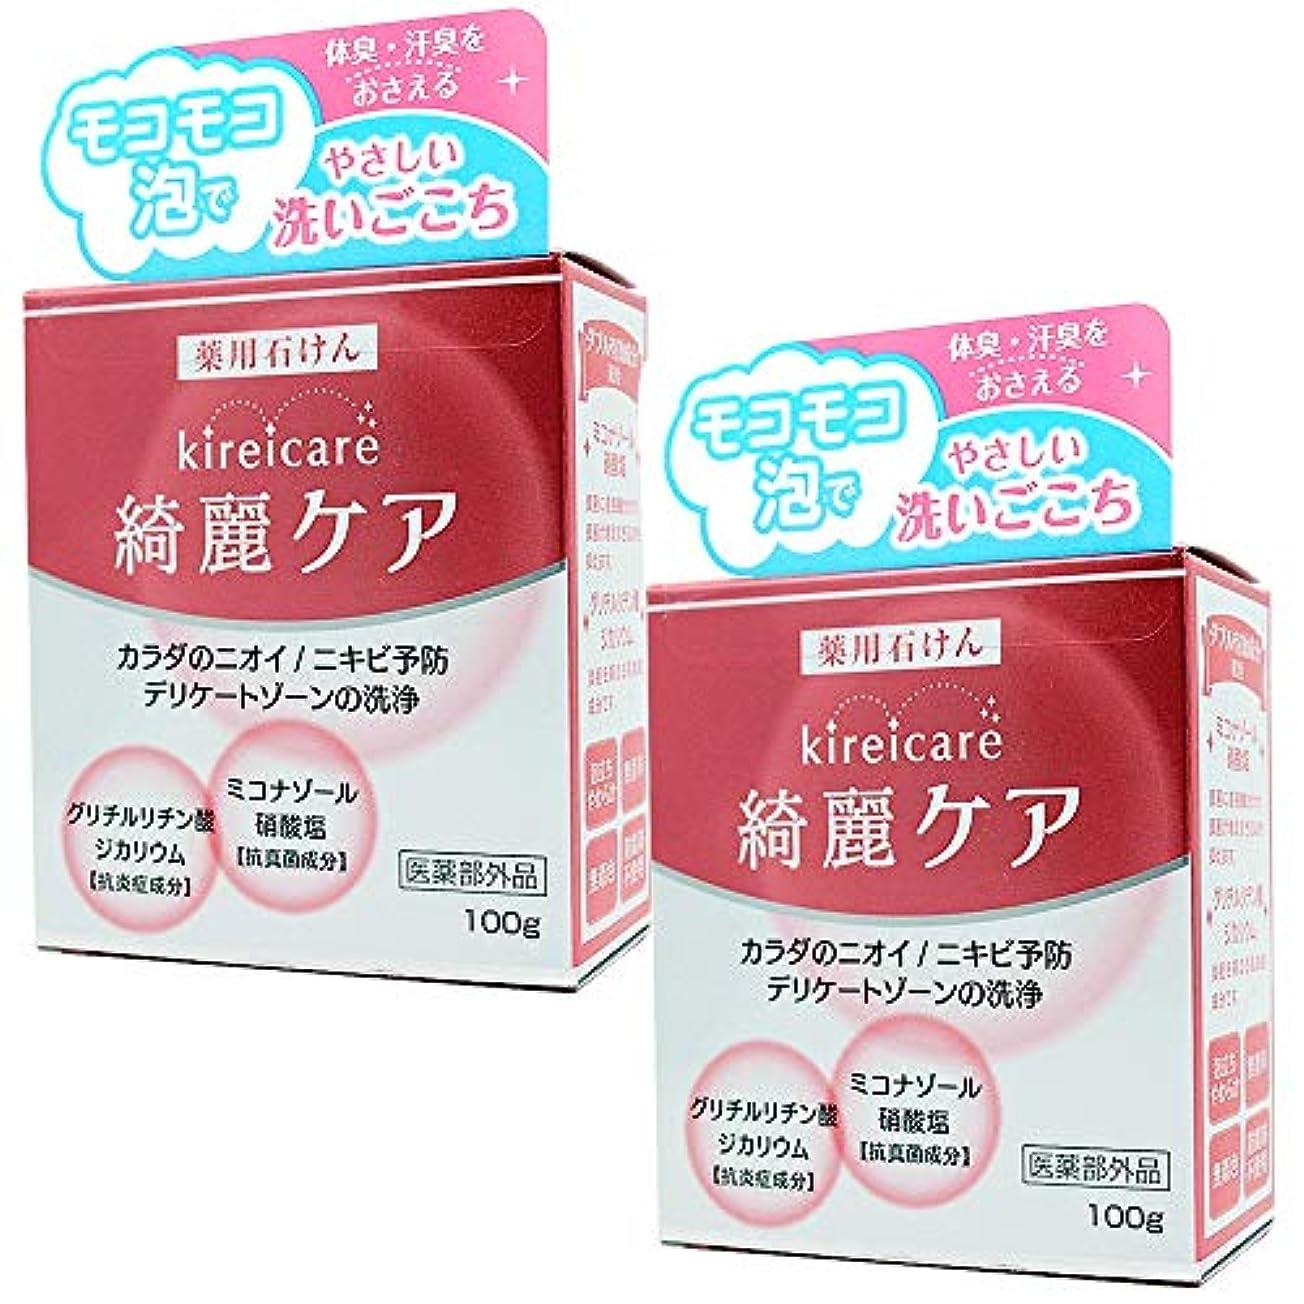 壁受粉者昼食白金製薬 ミコナゾール 綺麗ケア 薬用石けん 100g [医薬部外品] 2個セット